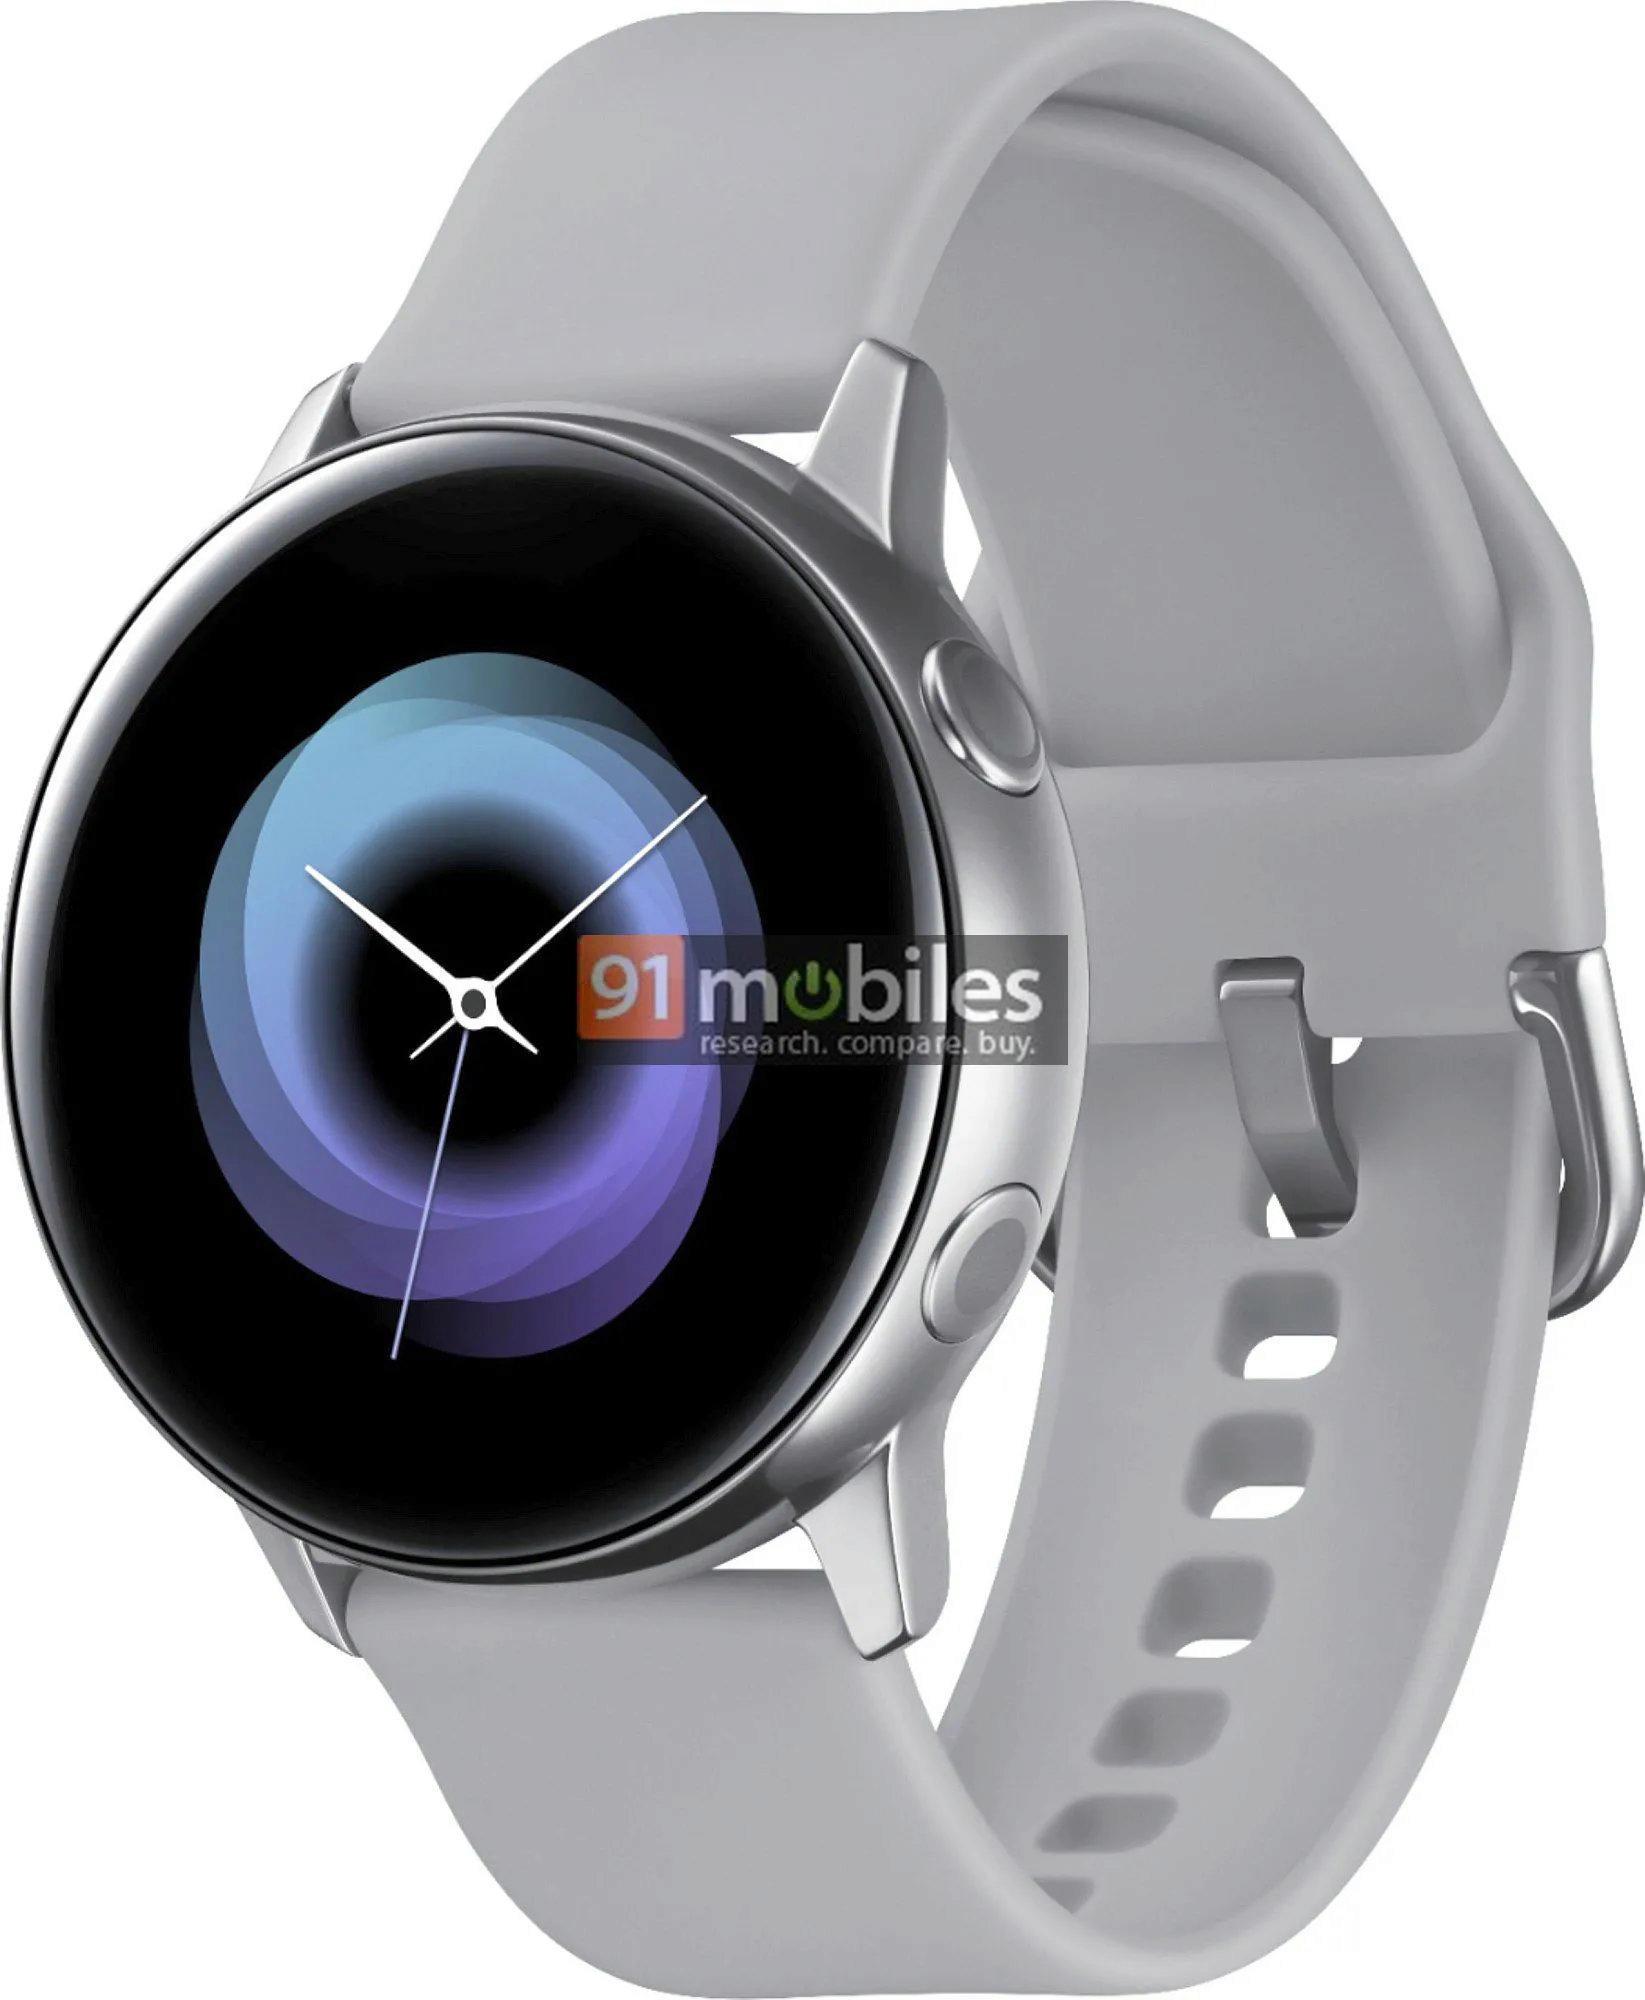 1280d8671 Z dostupných informací i poodhaleného designu můžeme vidět, že jak Galaxy  Watch, tak i Galaxy Sport míří na trochu odlišné publikum.